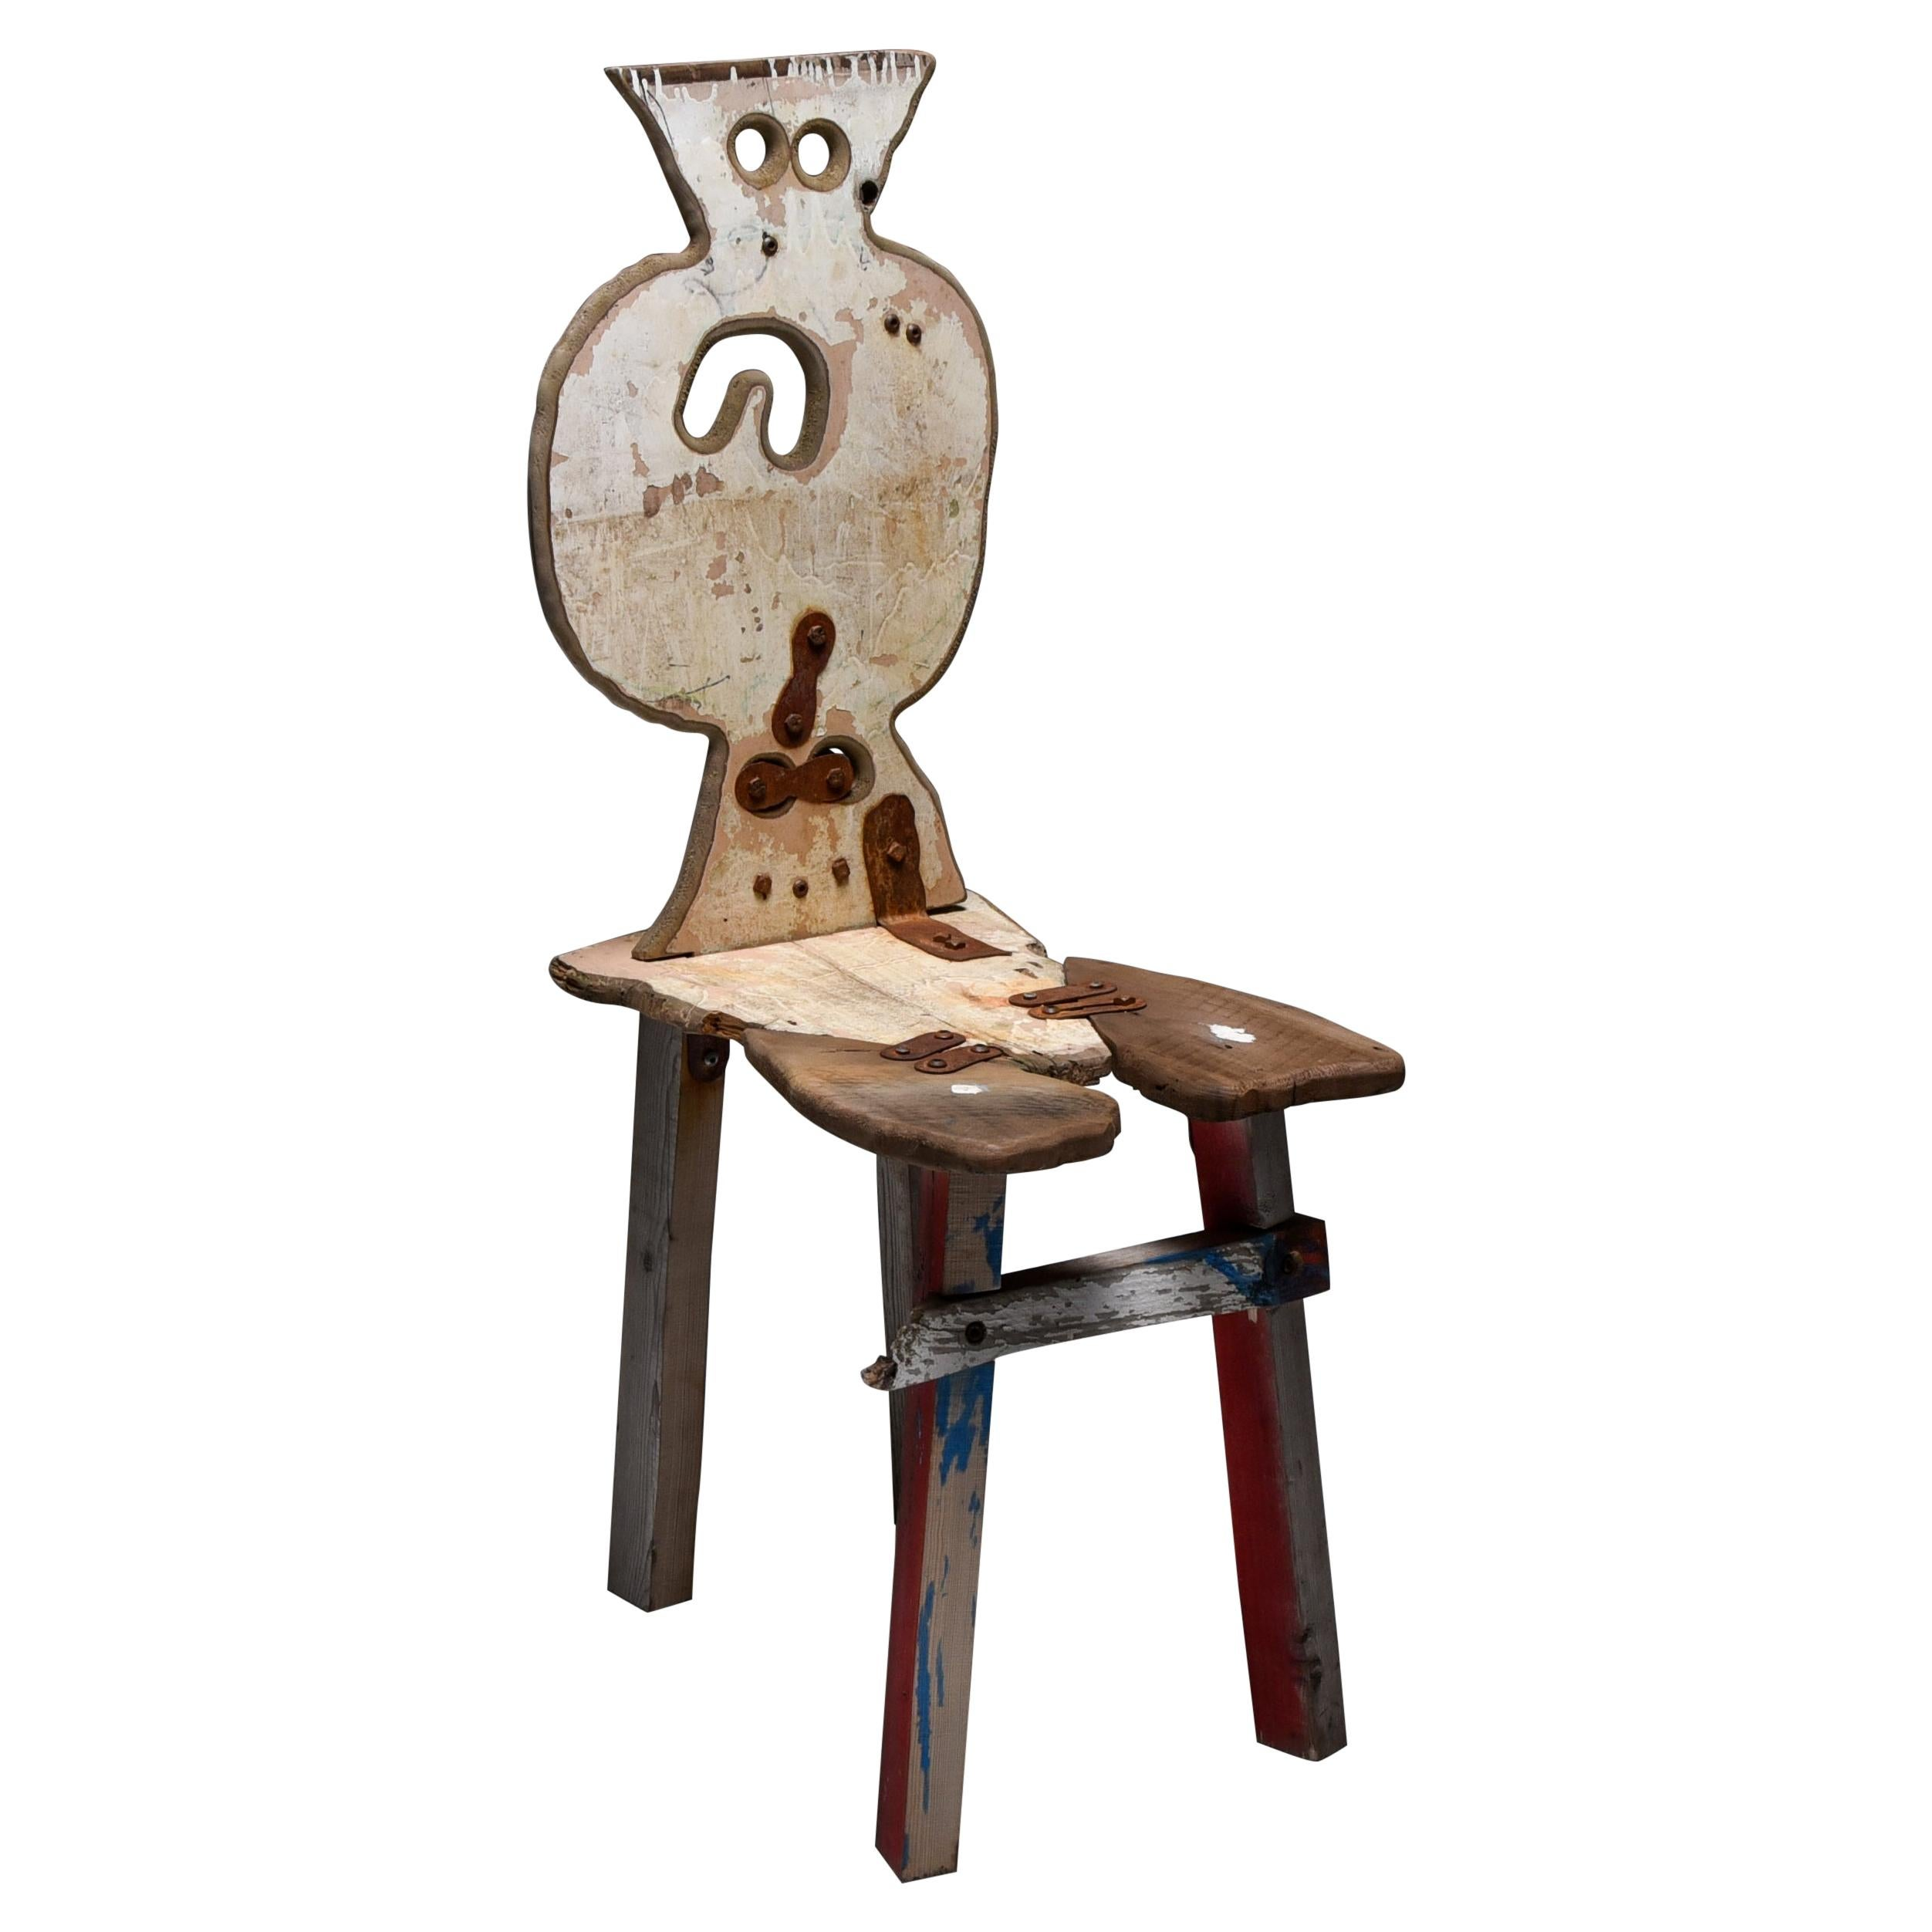 Folks 30 Chair by Serban Ionescu